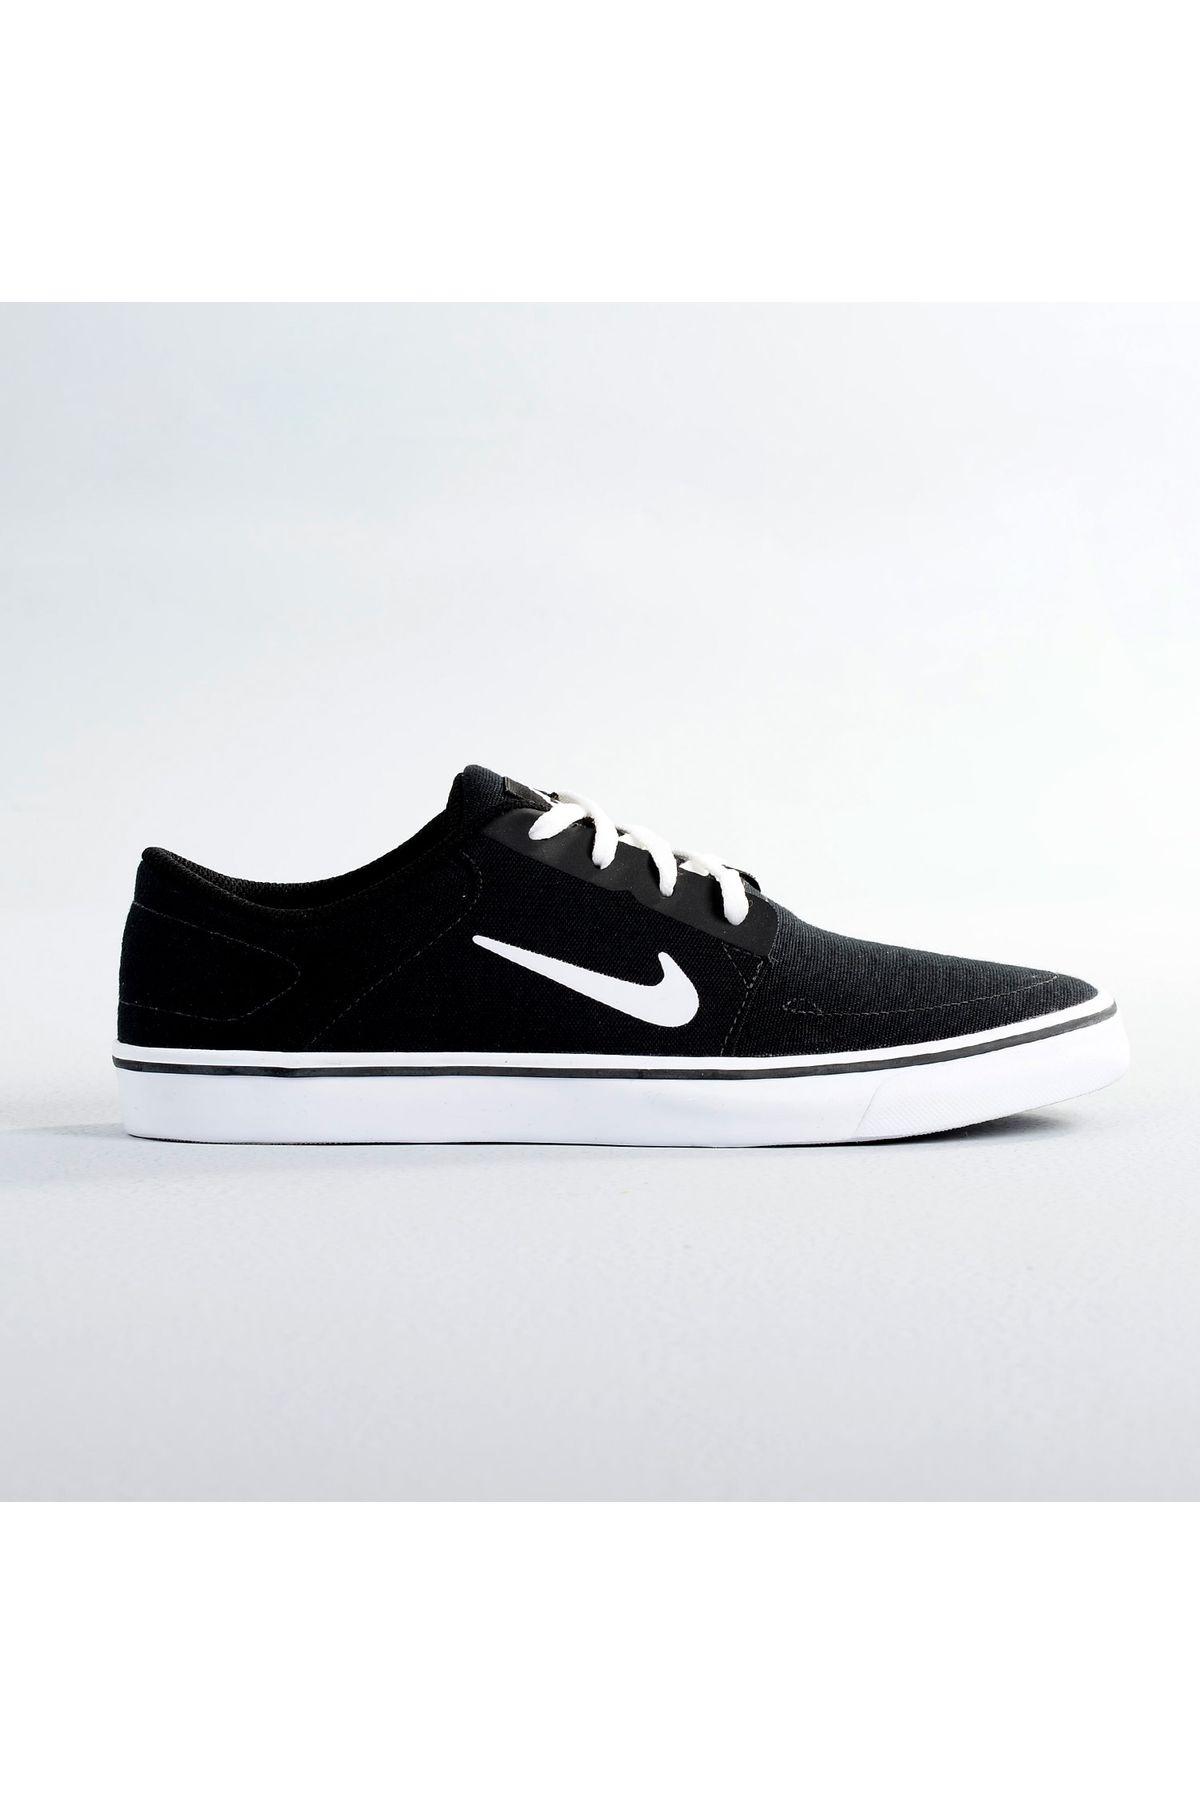 2c46c845e0b Tênis Nike Sb Portmore Cnvs